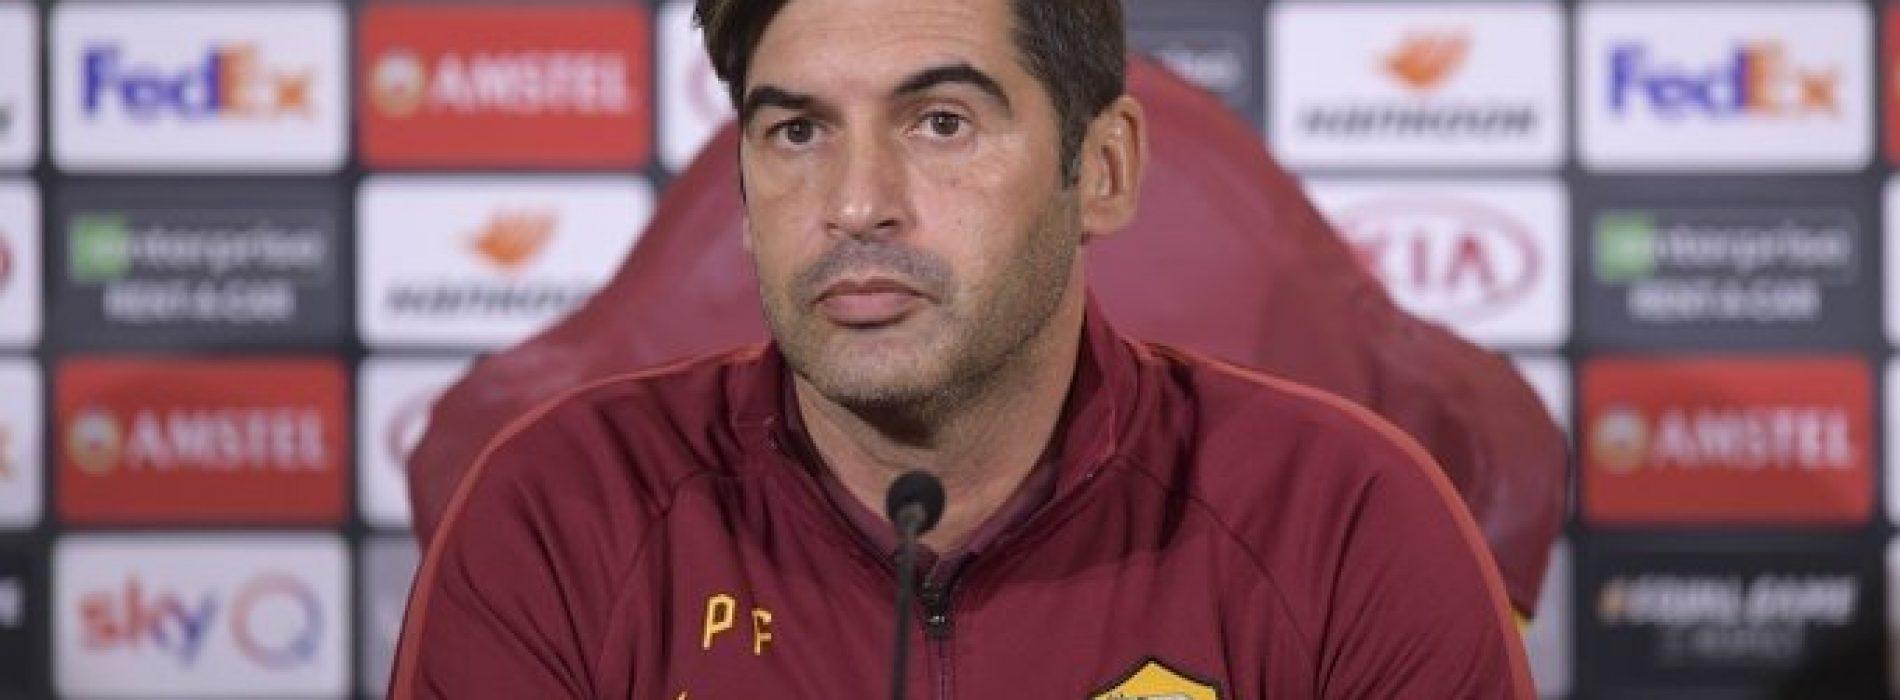 """Lazio-Roma, Fonseca: """"Ambizioni alte. Difficile mantenere intensità, stiamo lavorando"""""""